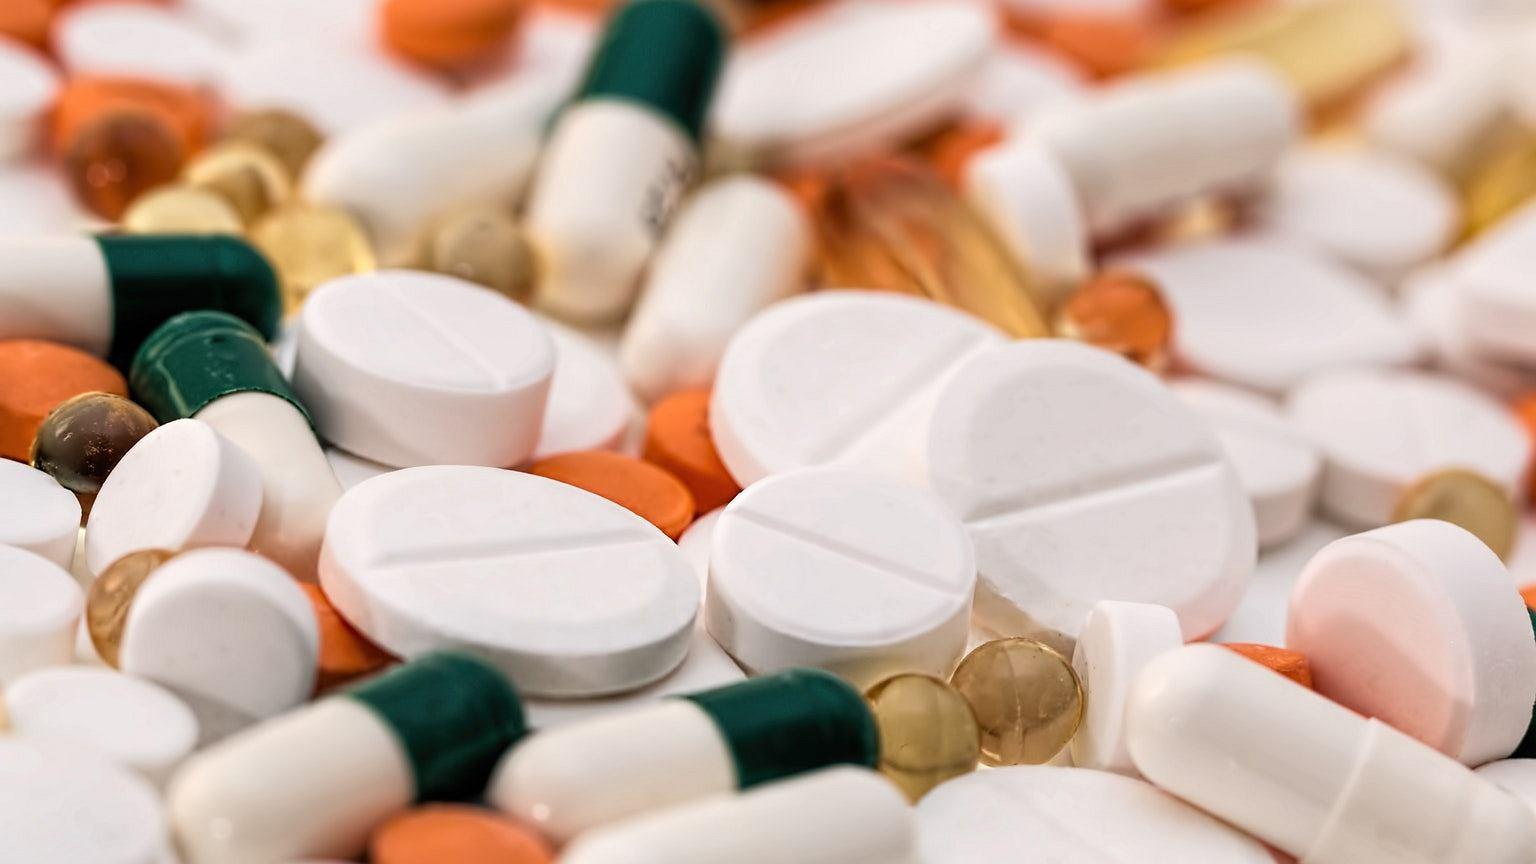 Czy nadużywanie antybiotyków cofnie nas do ciemnych wieków medycyny?